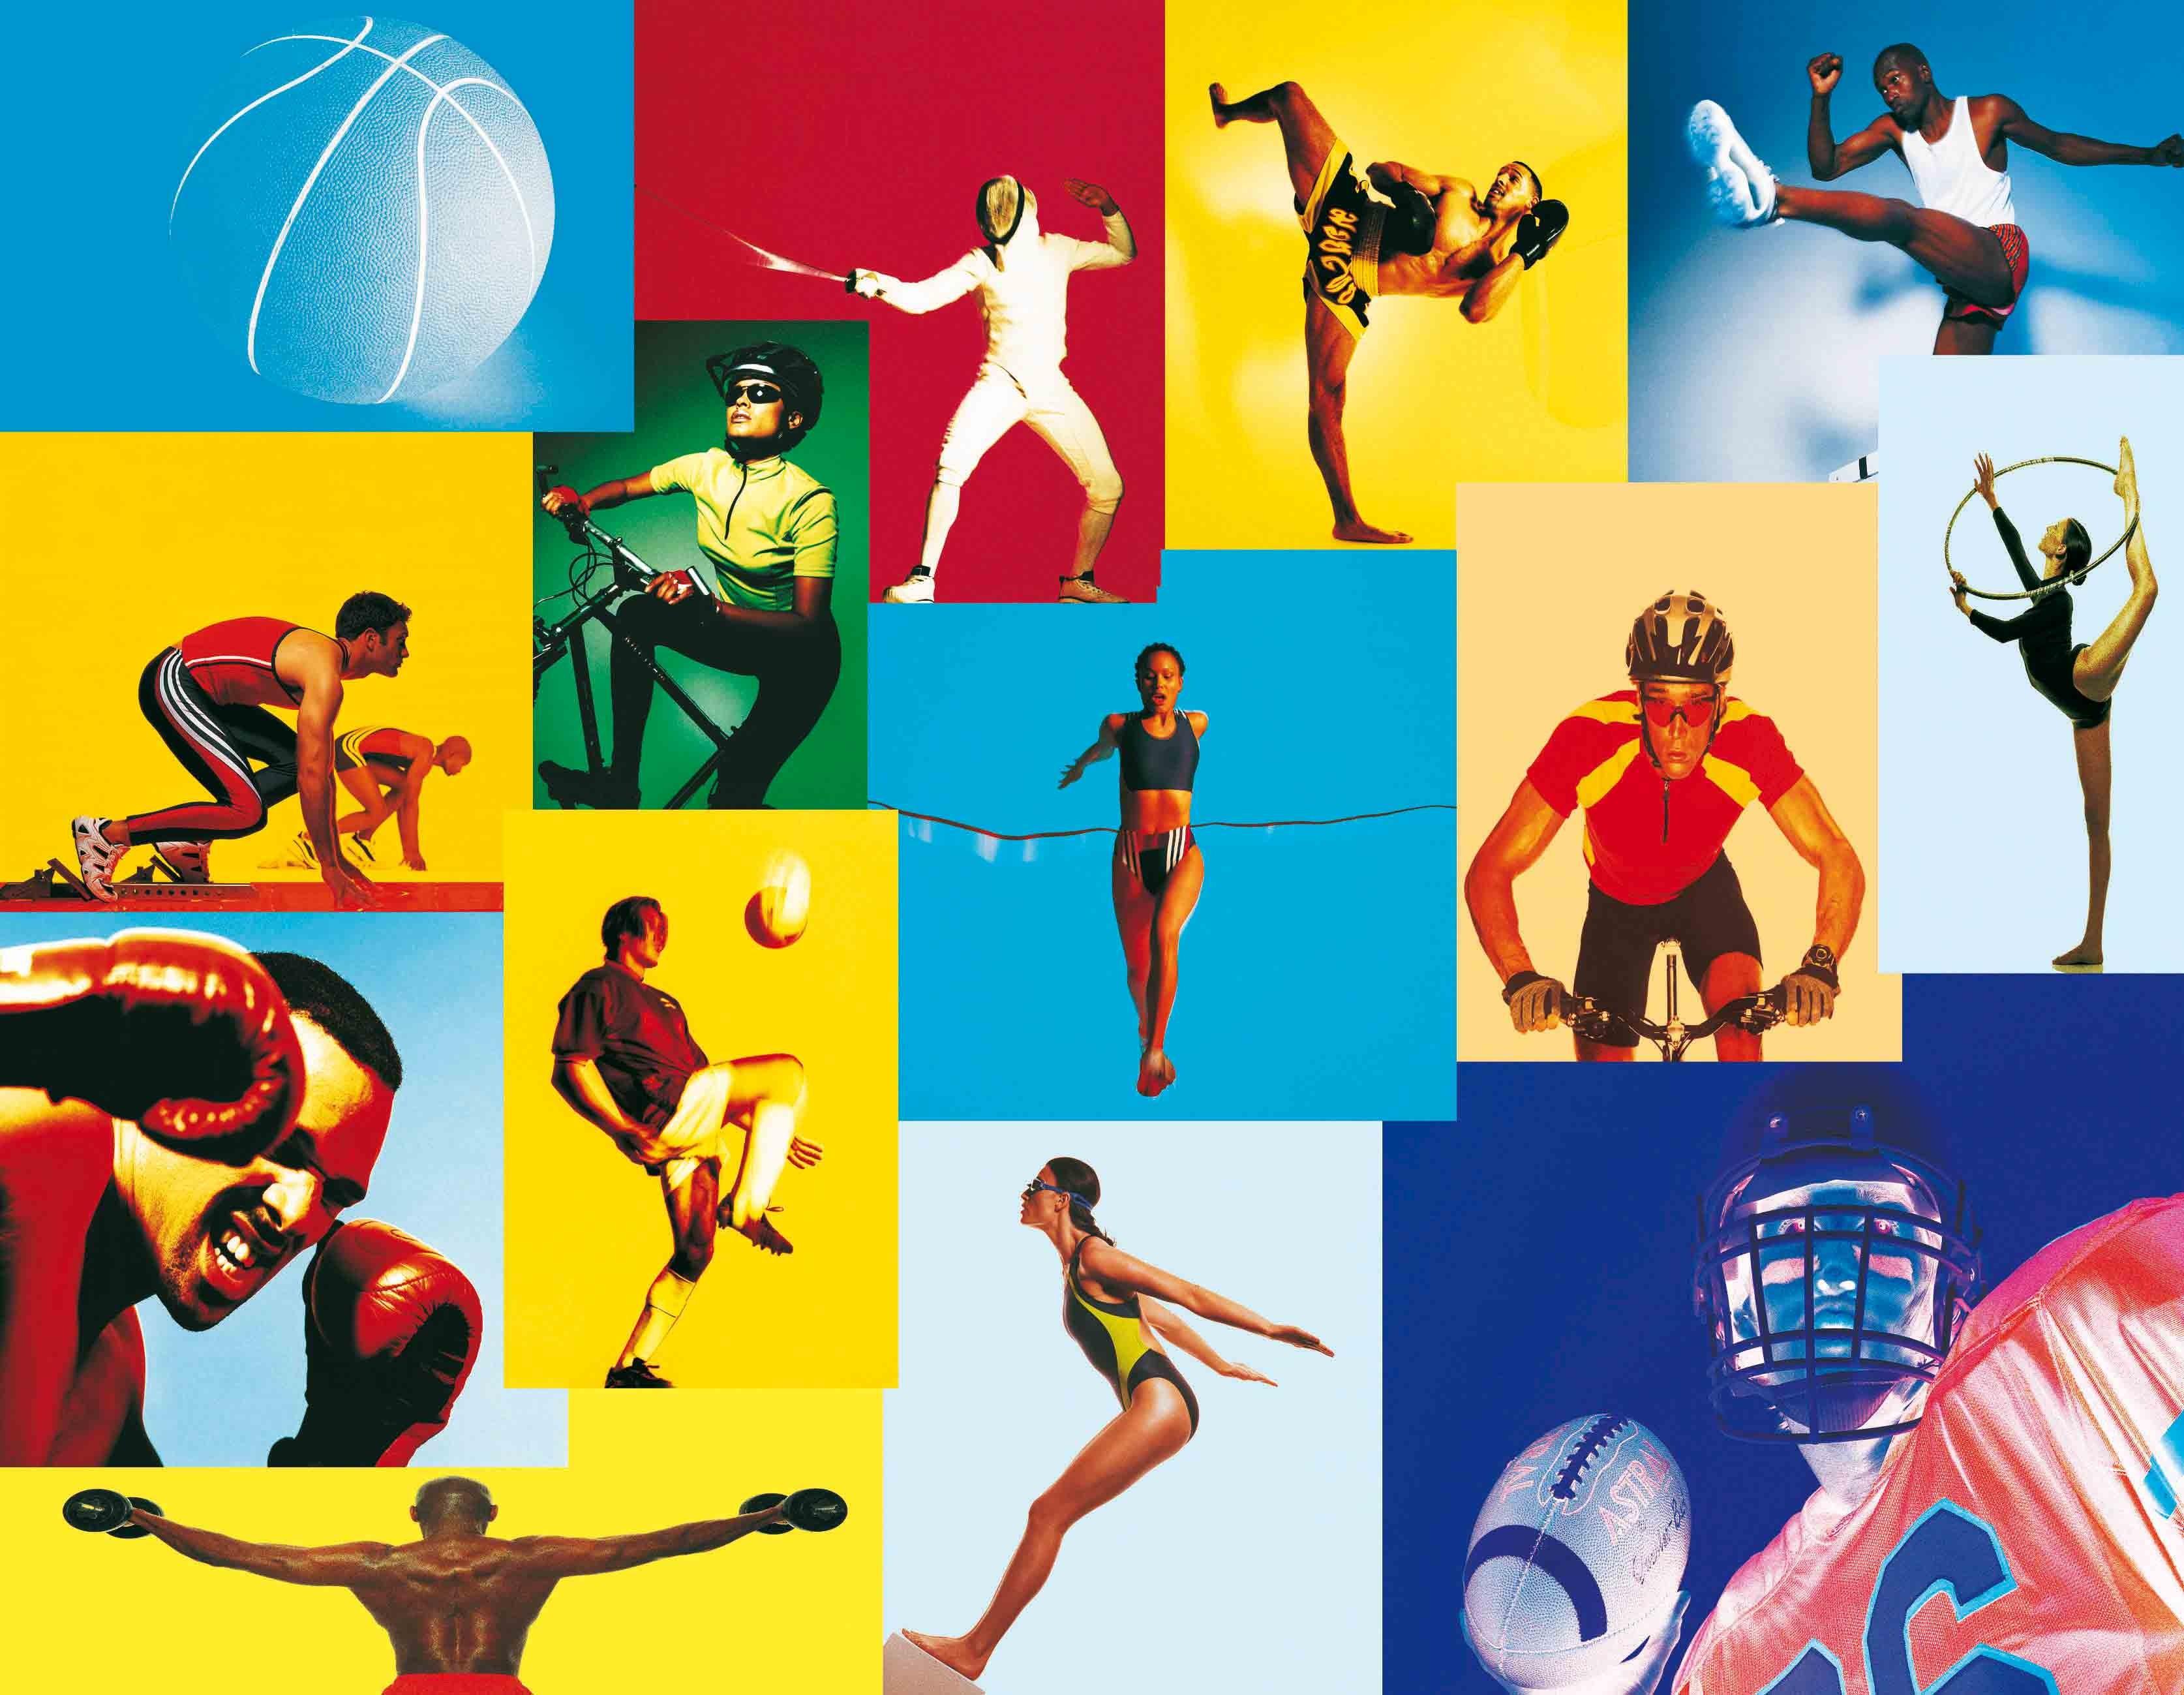 Жители Москвы смогут записаться на спортивные тренировки через приложение'В спорте